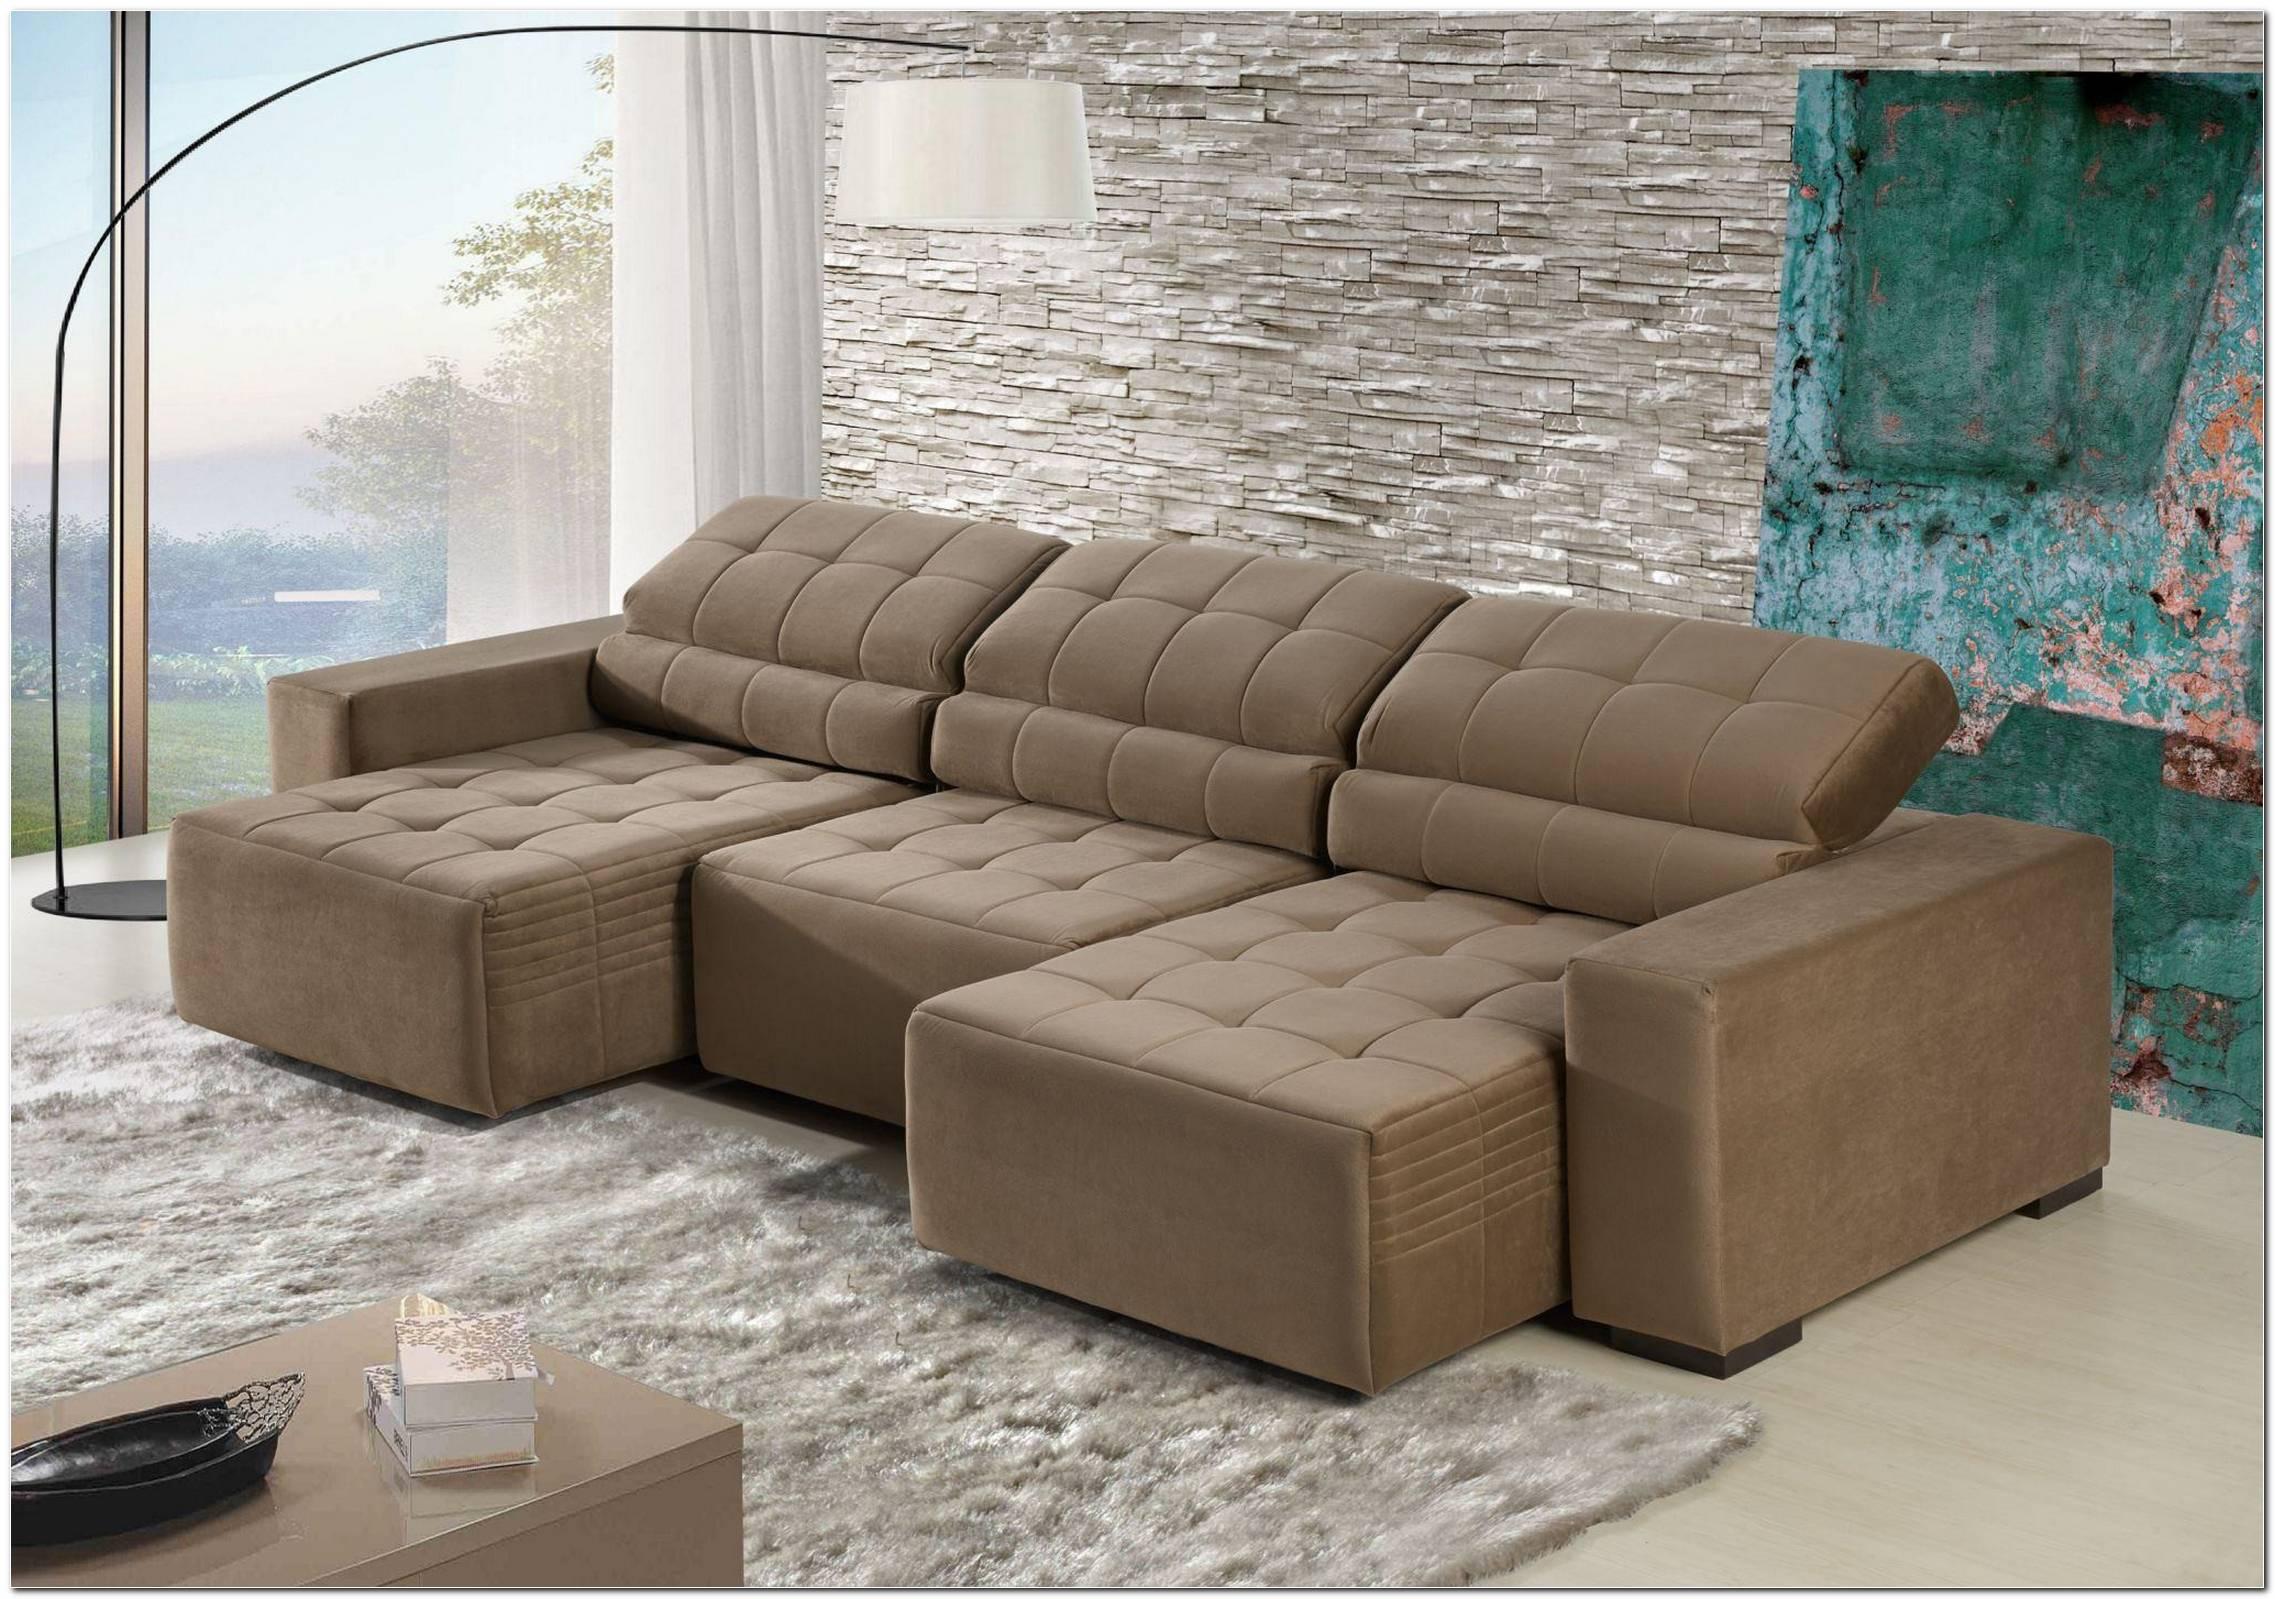 Sofas Confortaveis E Modernos